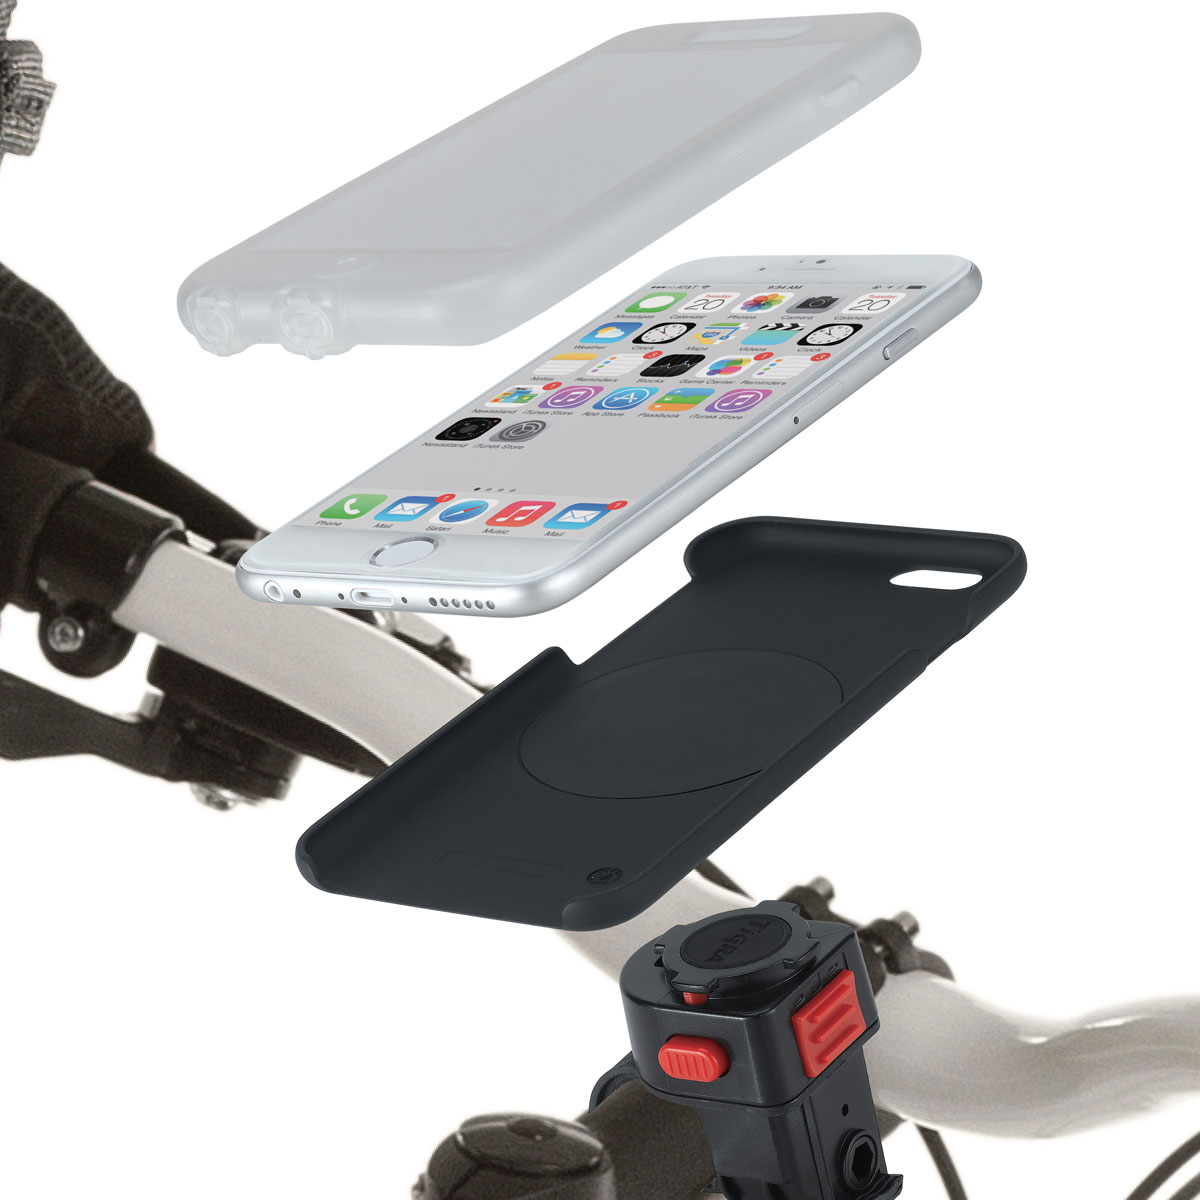 自転車の 自転車ナビ価格 : iPhone Accessories Motorcycle